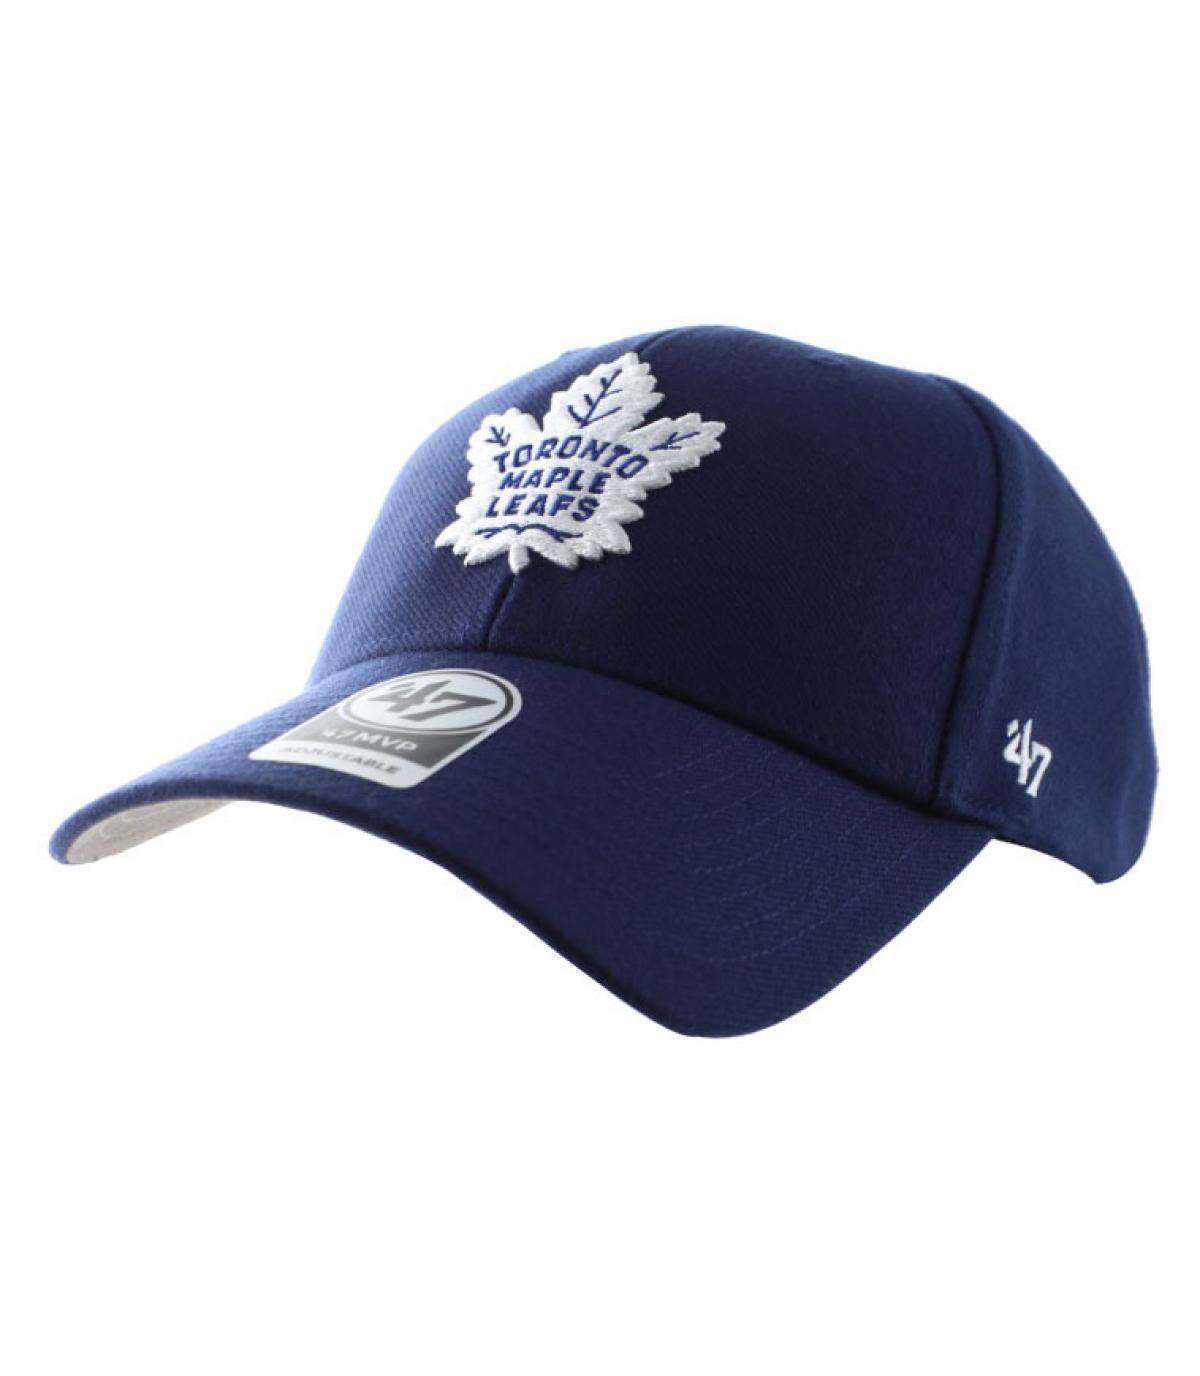 Detalles MVP Toronto Maple Leafs light navy imagen 2